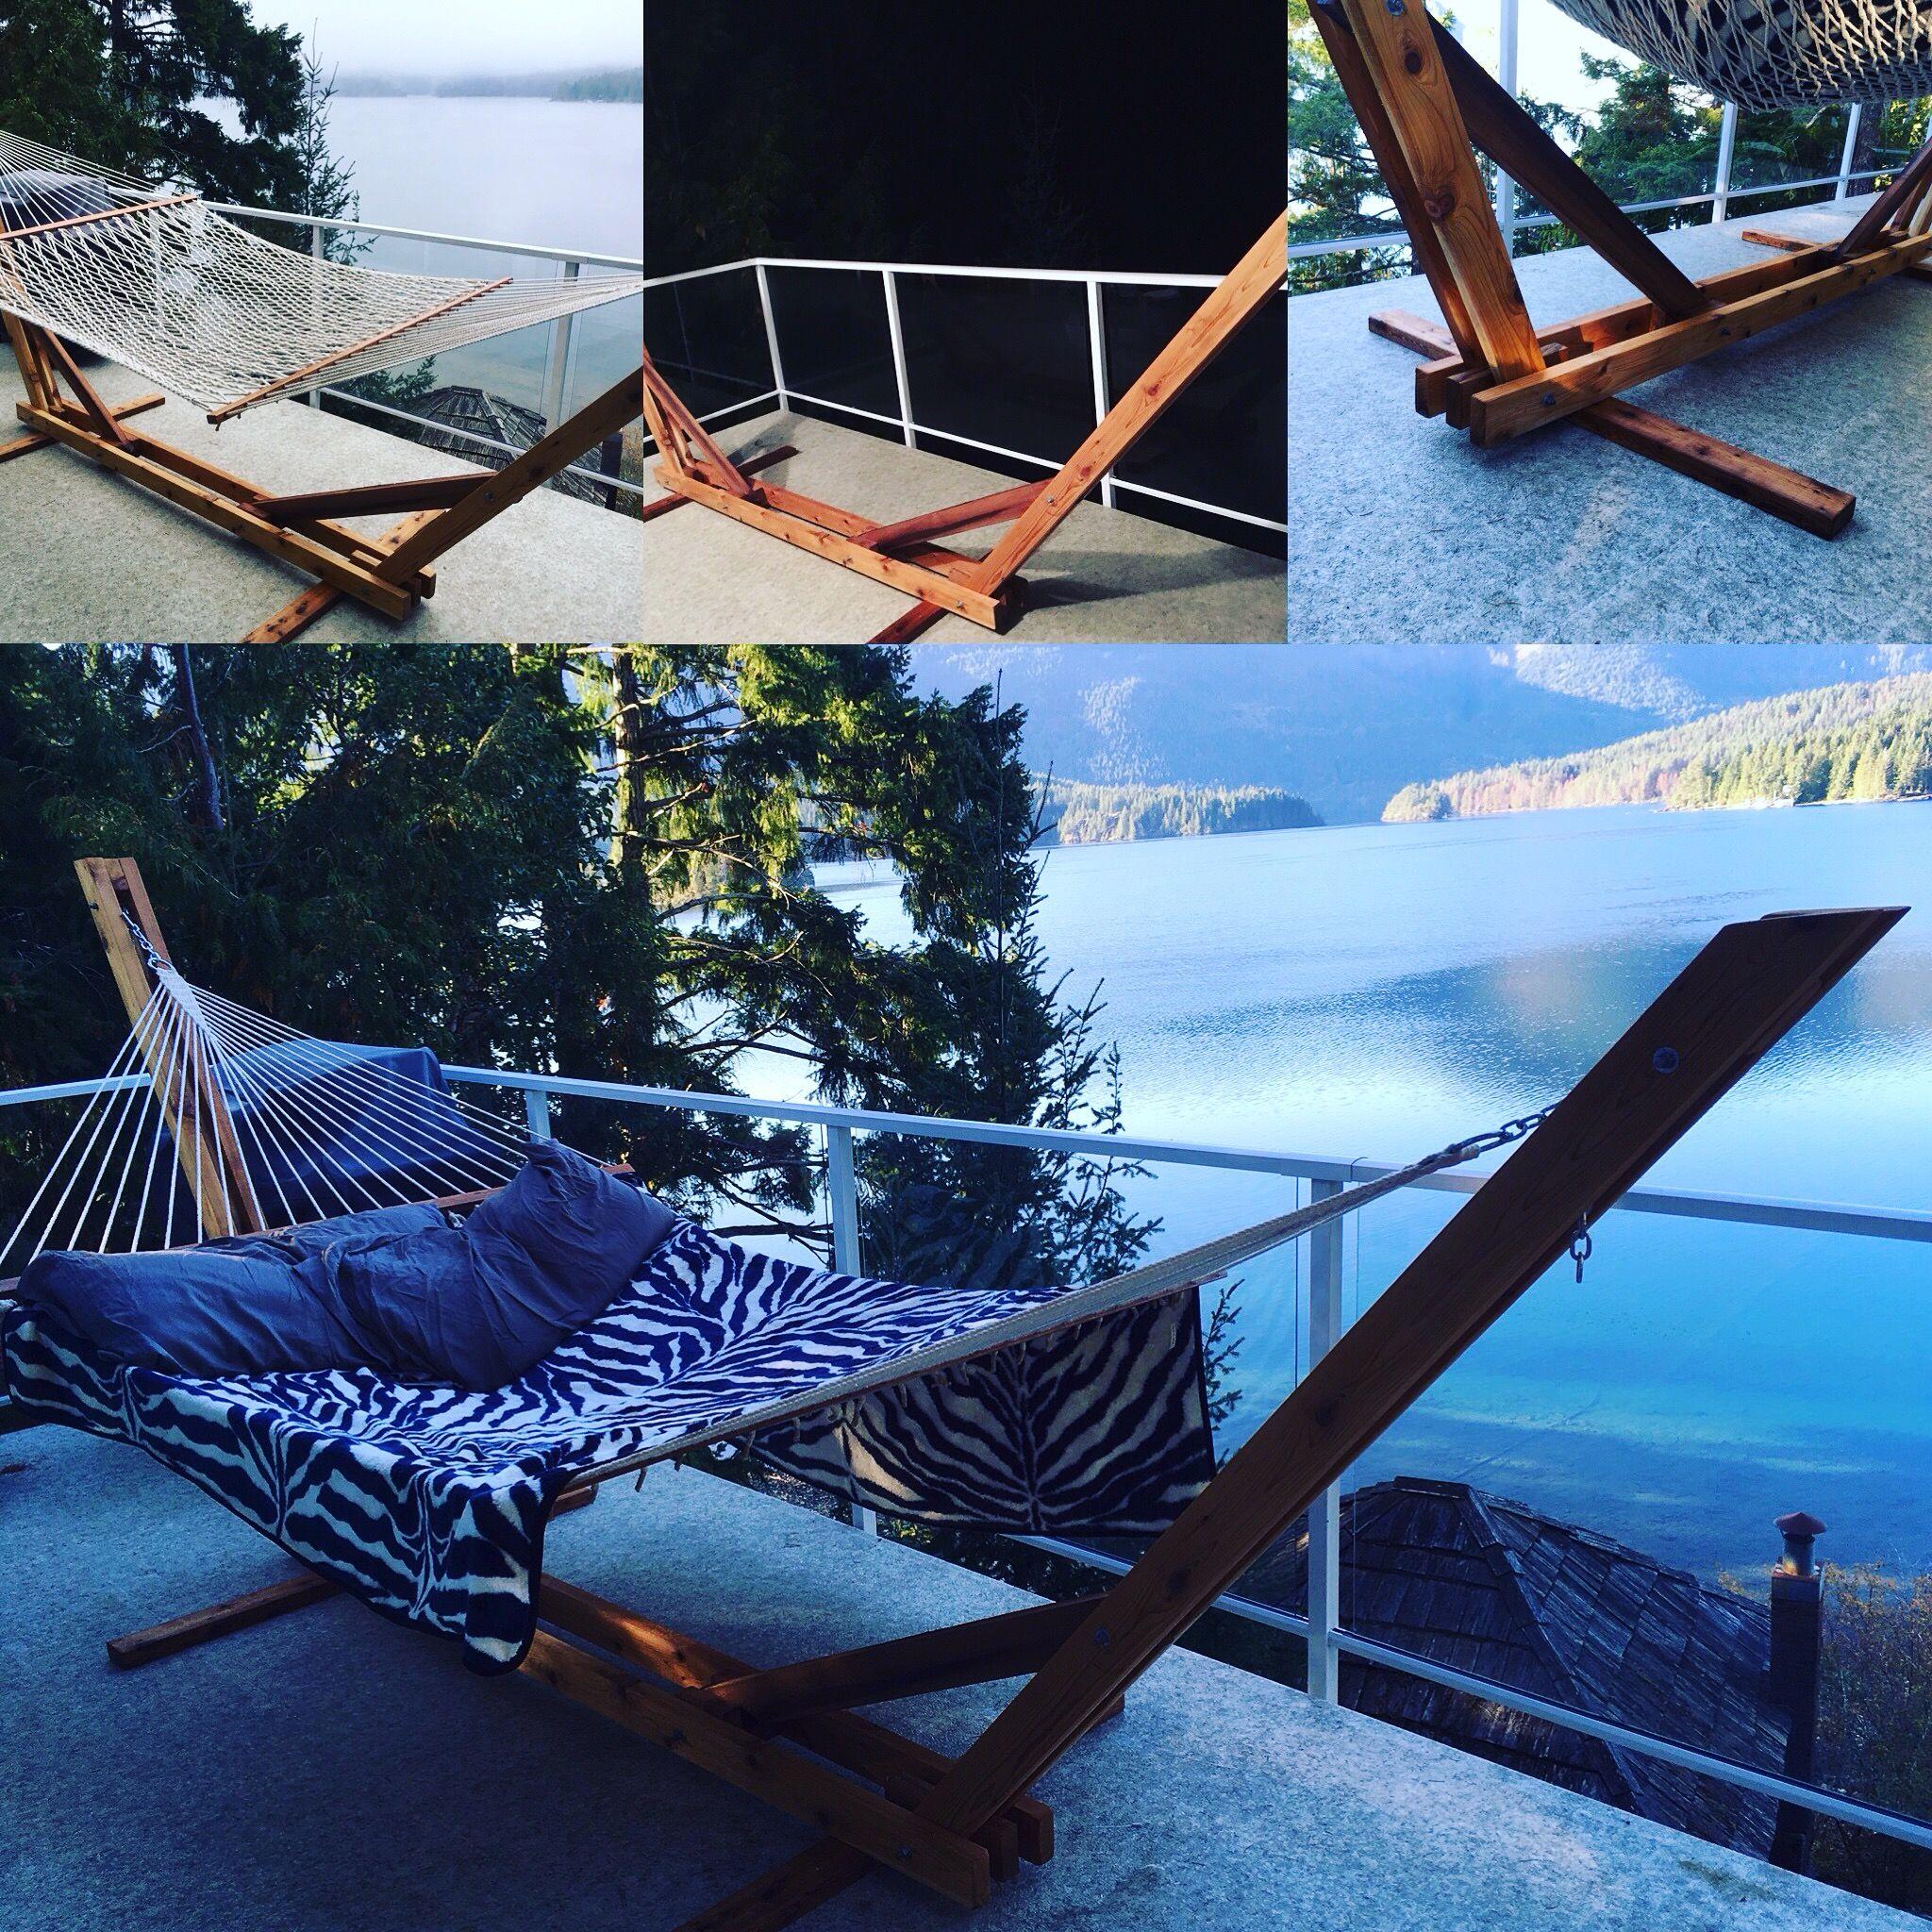 nags xx furniture wooden head captains chair hammocks cm oatmeal hammock cumaru nhccot cheap stand faq duracord rope